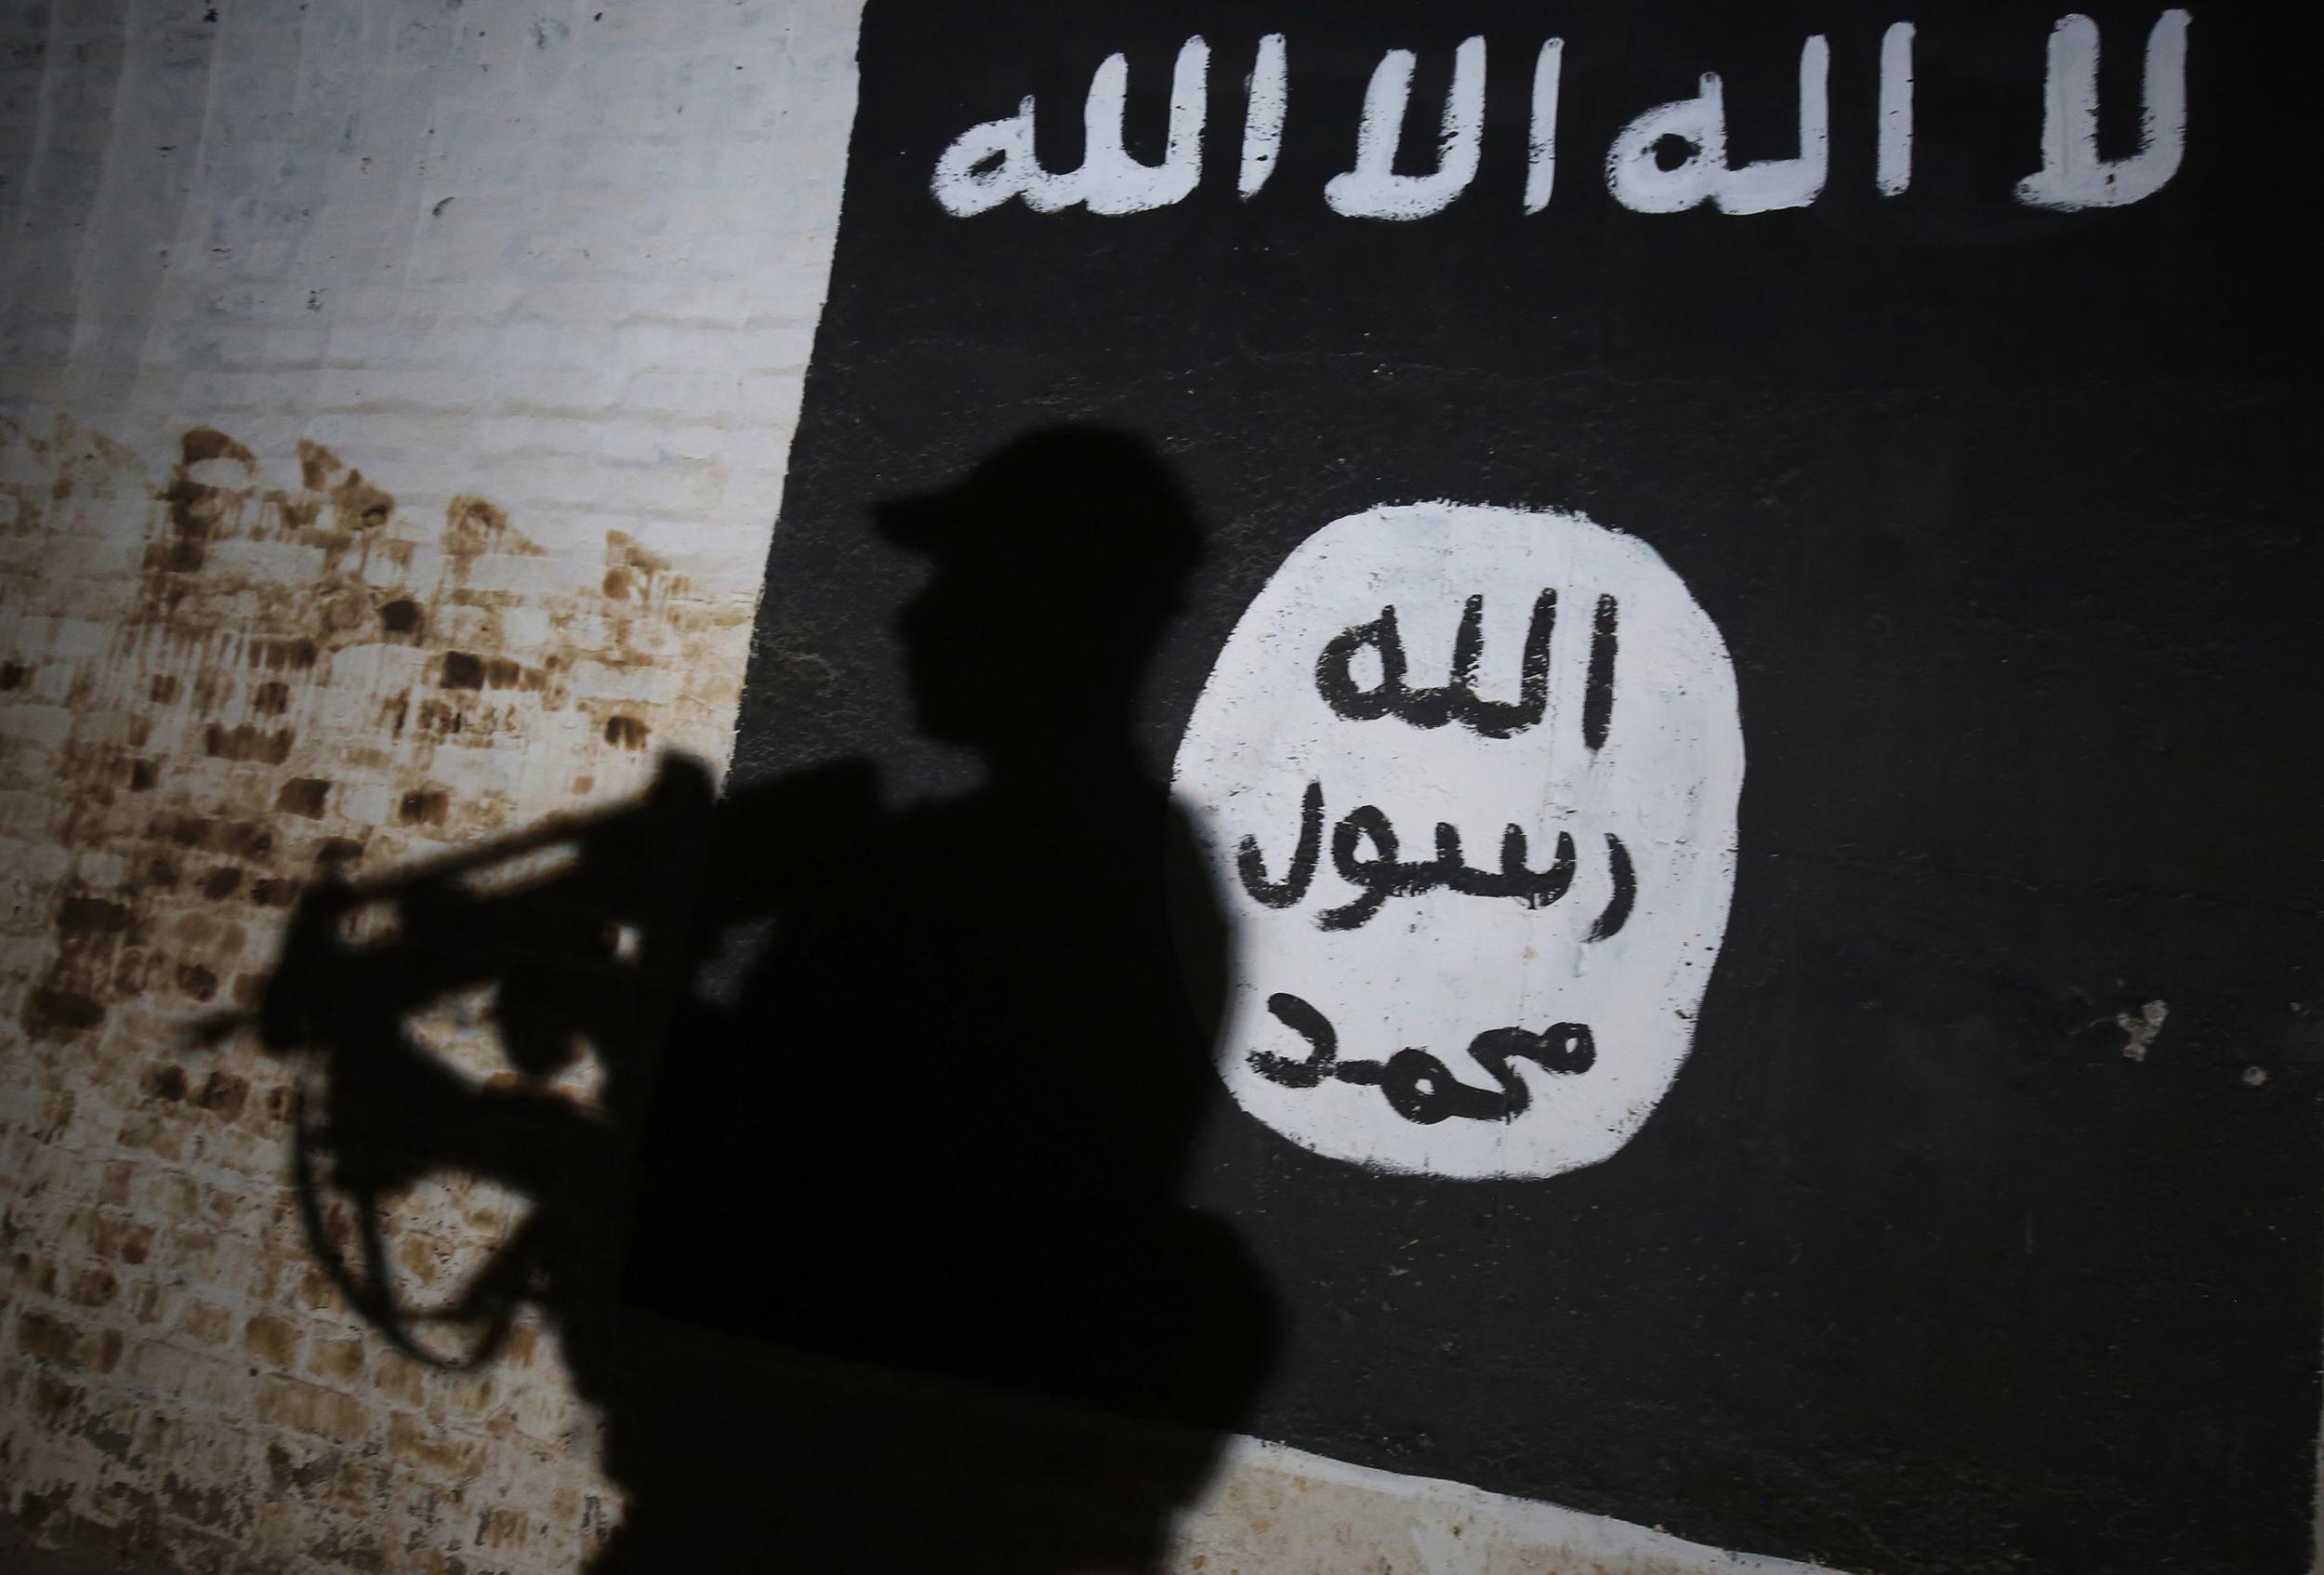 France calls killing of ISIS leader behind deaths of 4 U.S. soldiers big victory